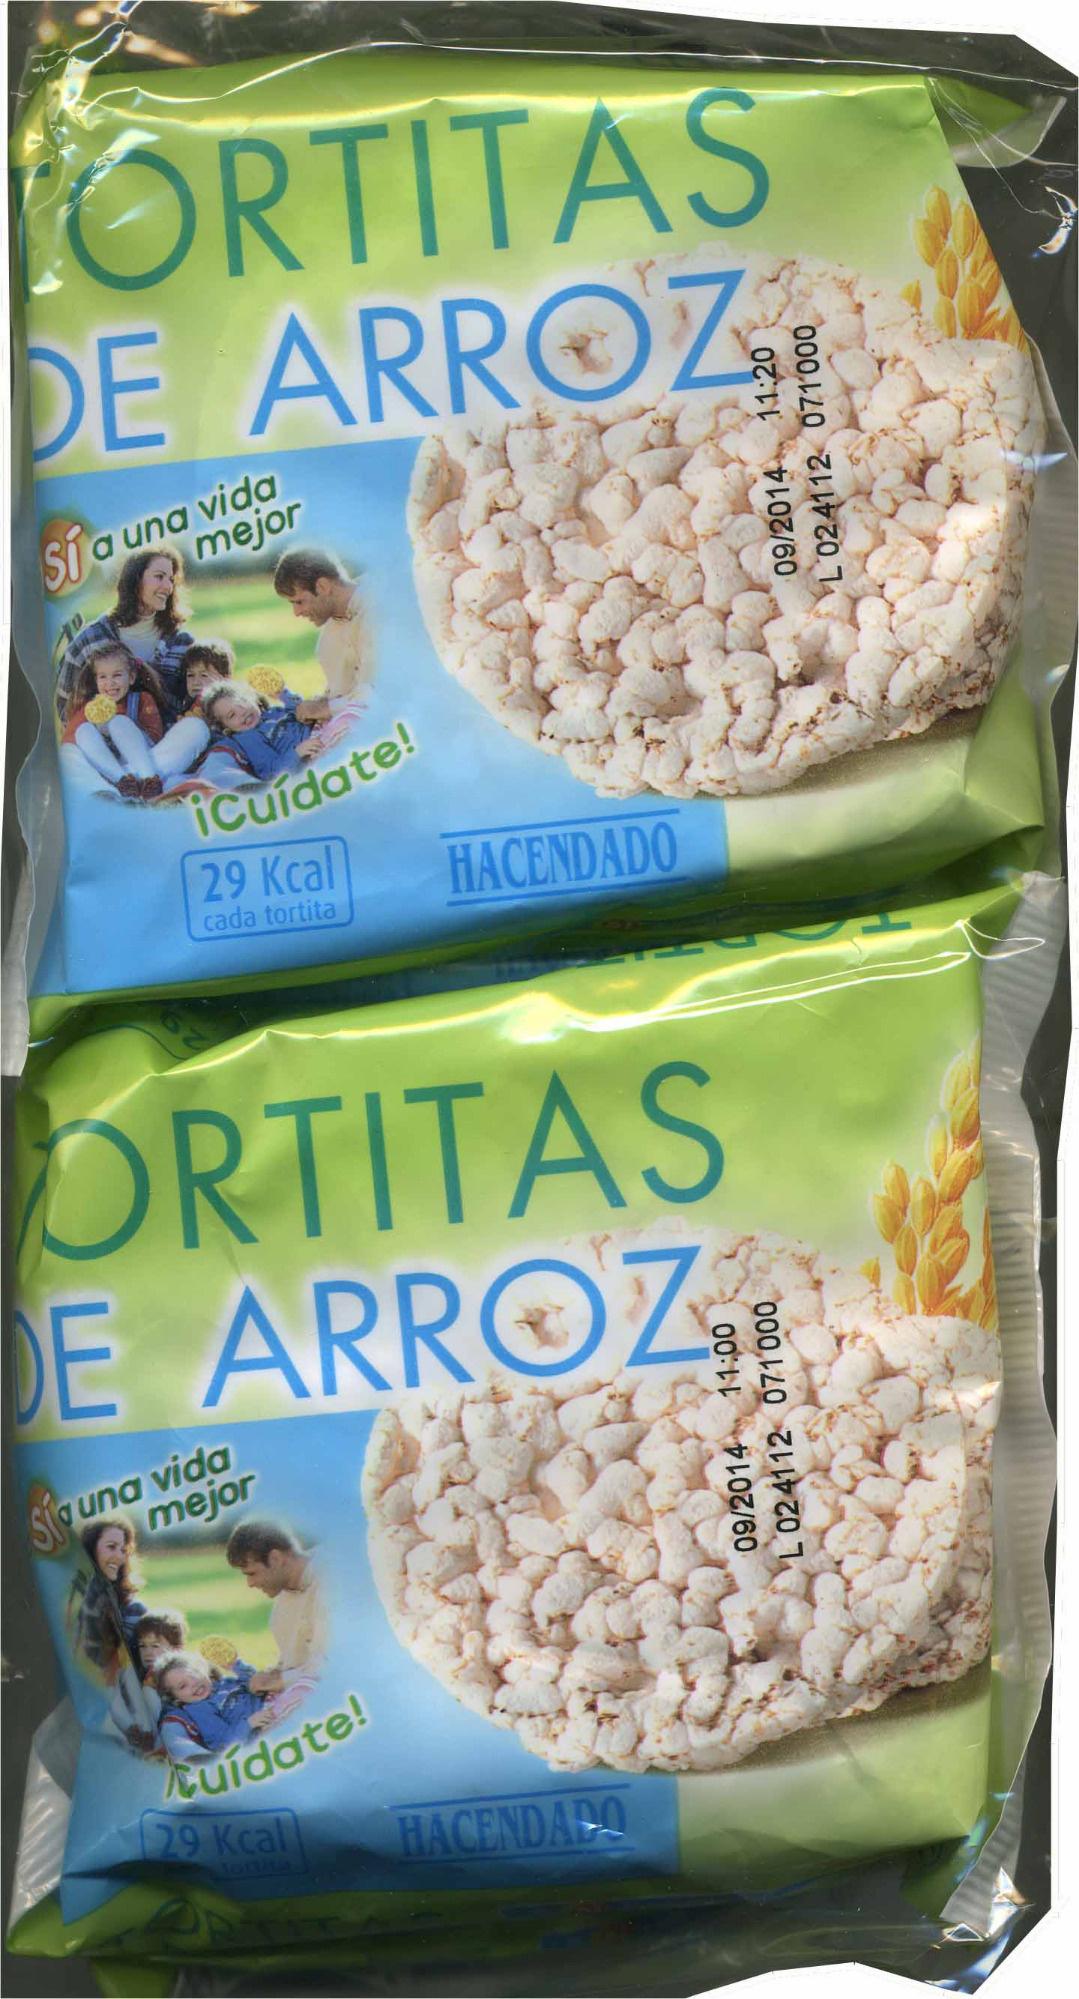 Tortitas de arroz - Producto - es